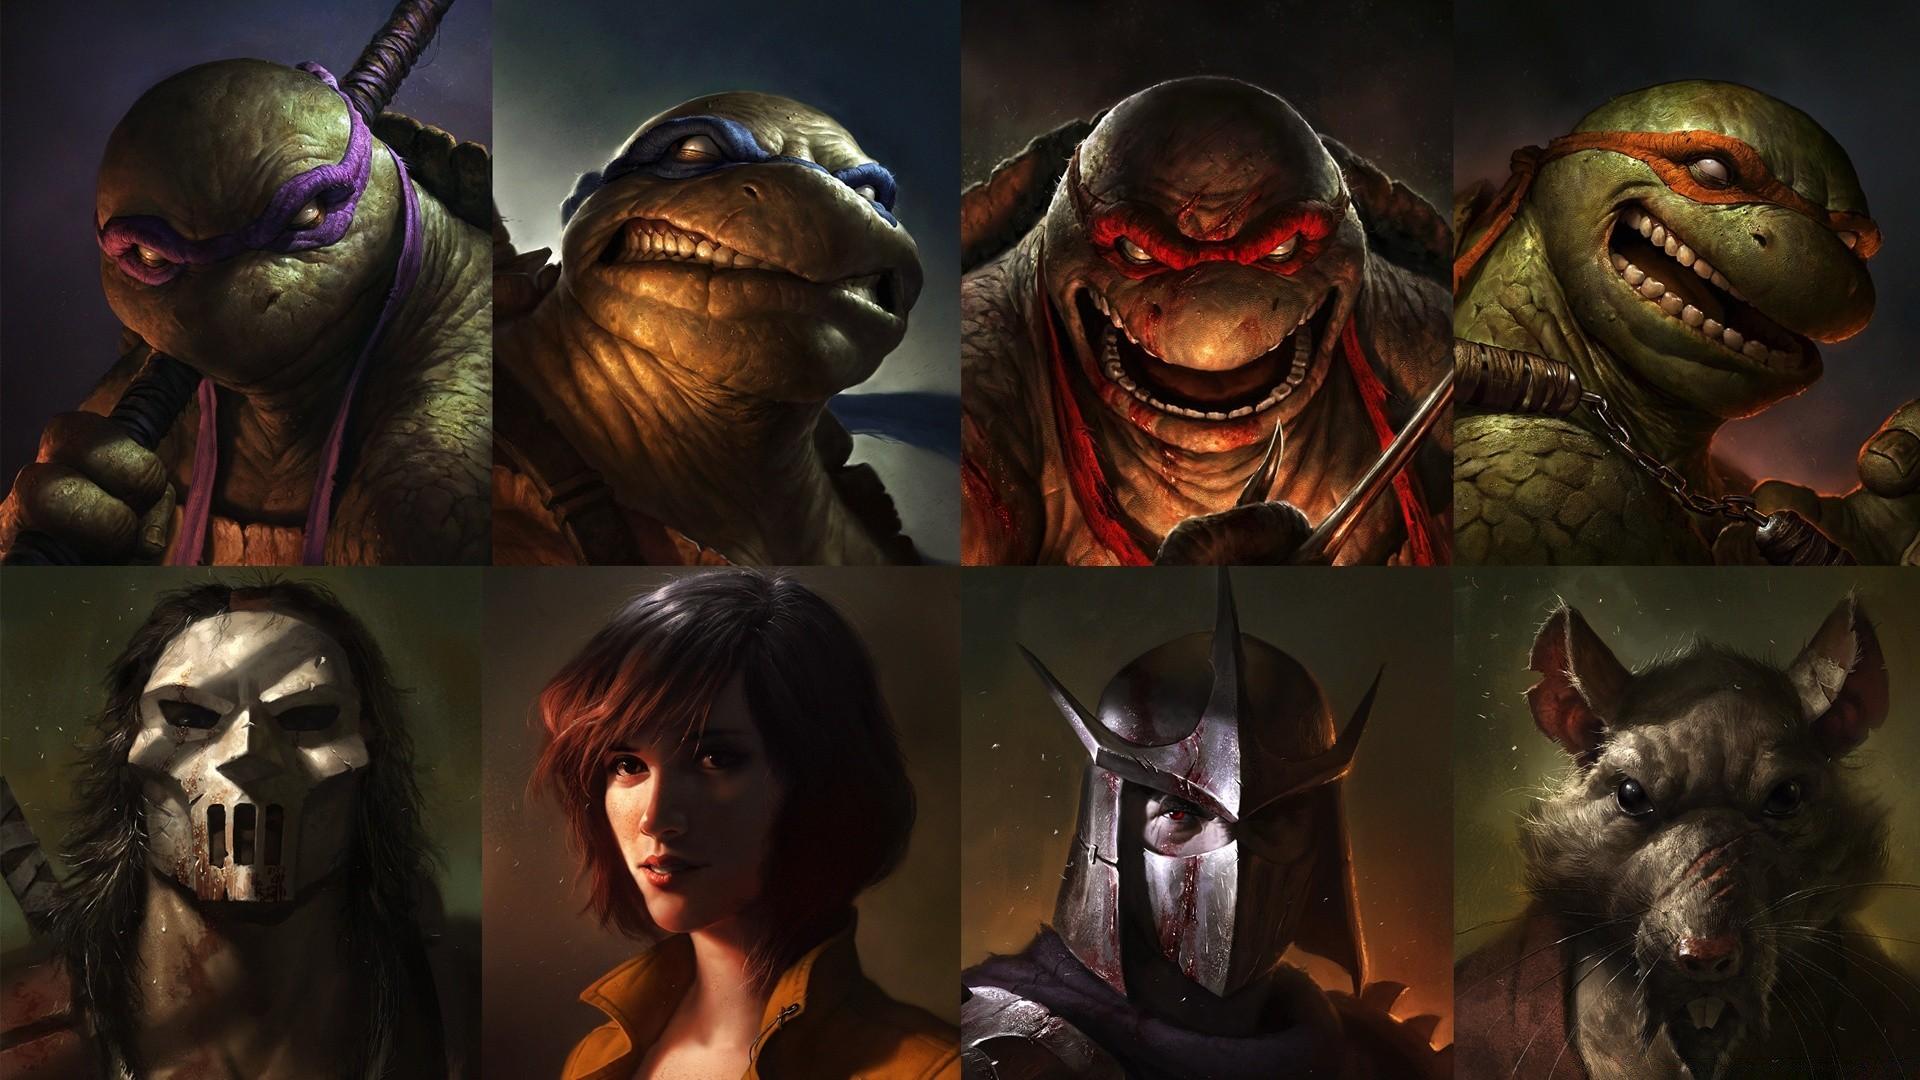 Teenage Mutant Ninja Turtles 2012 Art Android Wallpapers For Free